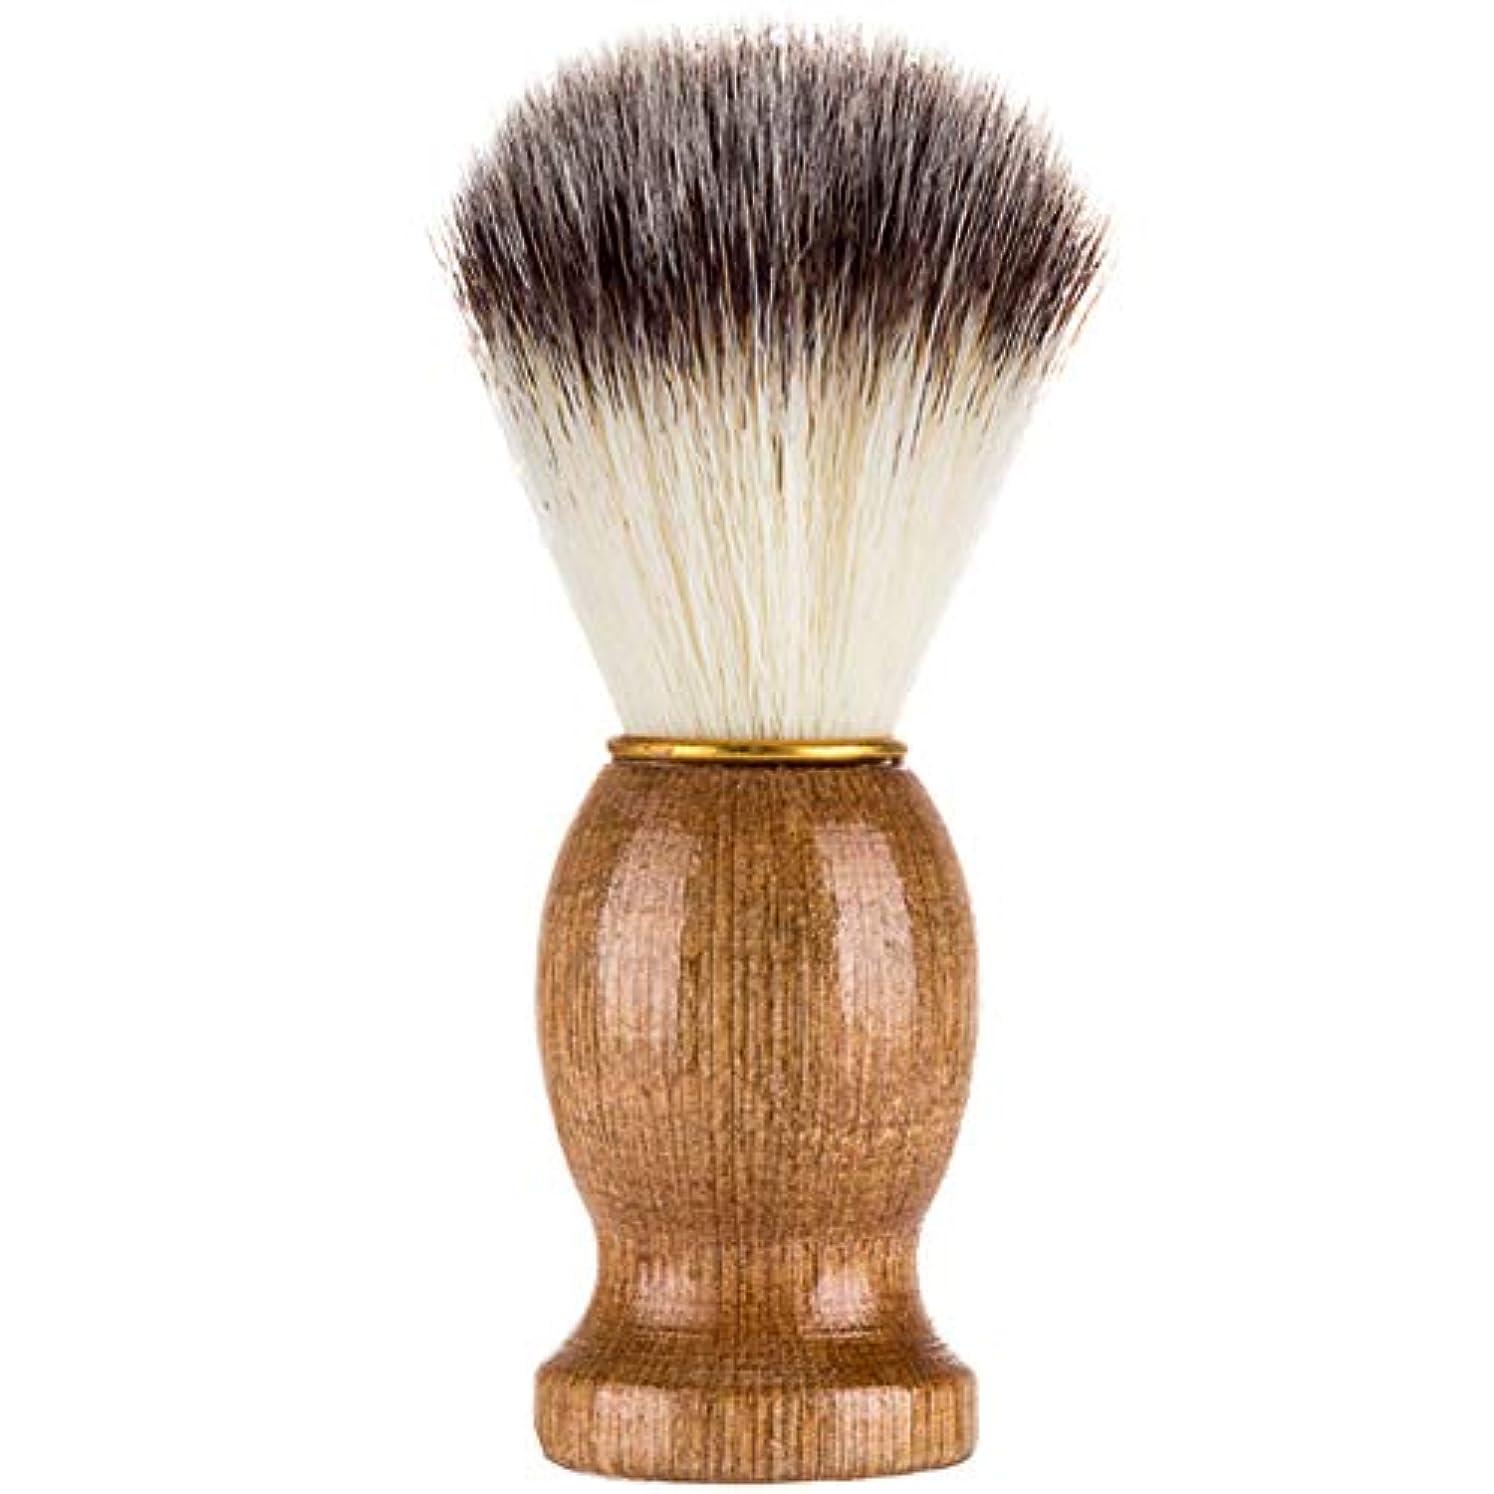 と闘う一過性最初Tenflyer シェービングブラシ、シェービングブラシ、男性シェービングブラシシェービングかみそりブラシサロン理髪店用ツールひげ剃り用品